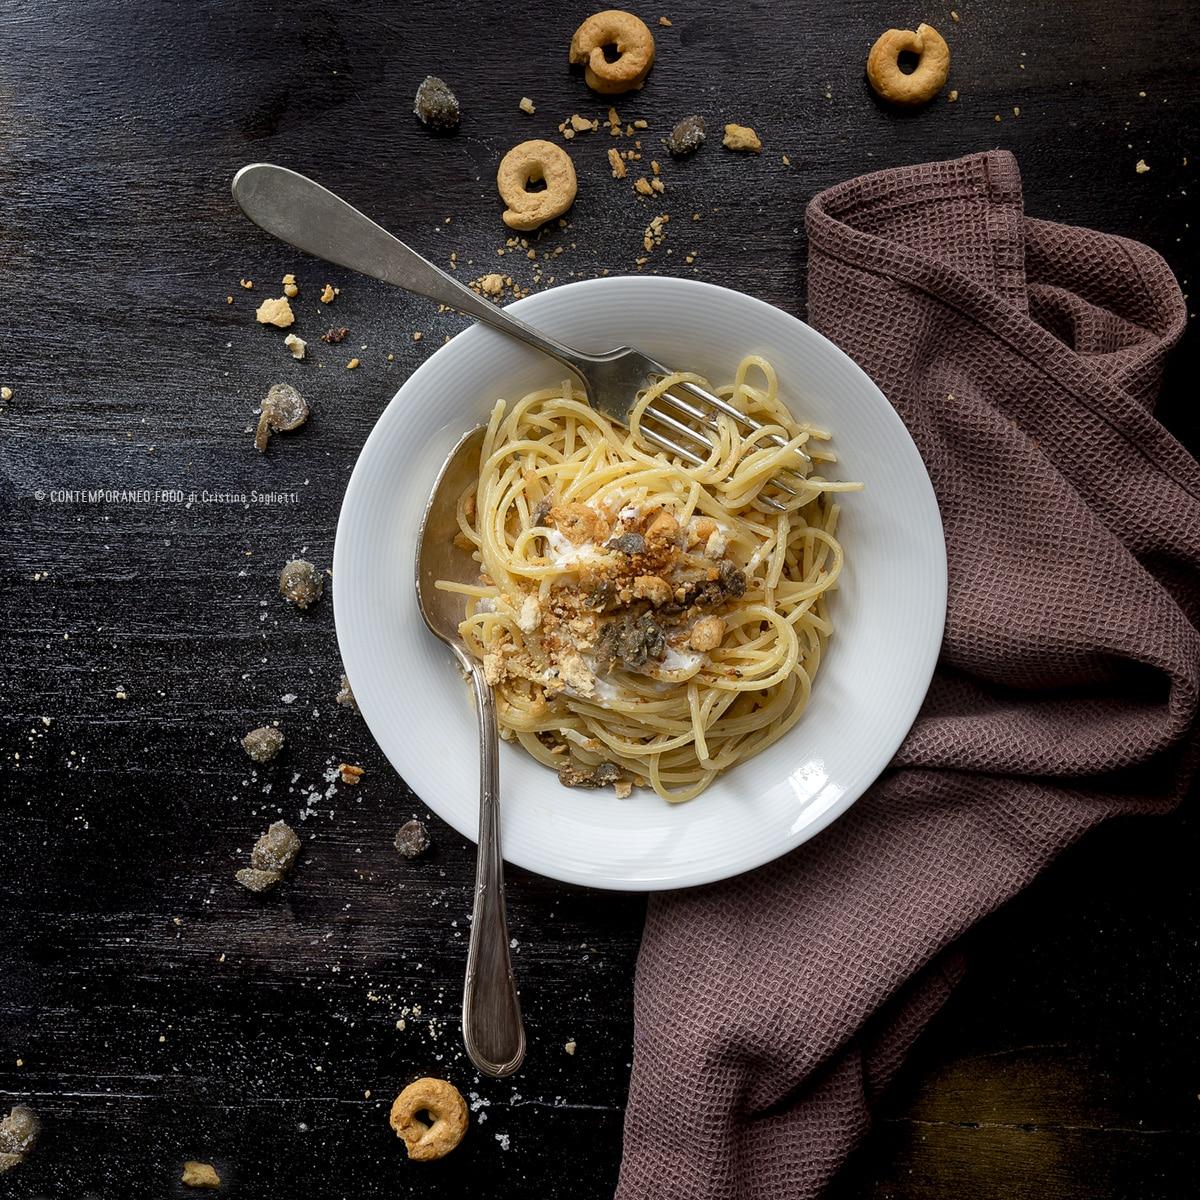 spaghetti-quadrati-crema-di-stracciatella-crumble-taralli-capperi-personal-winer-torino-ricetta-primo-contemporaneo-food